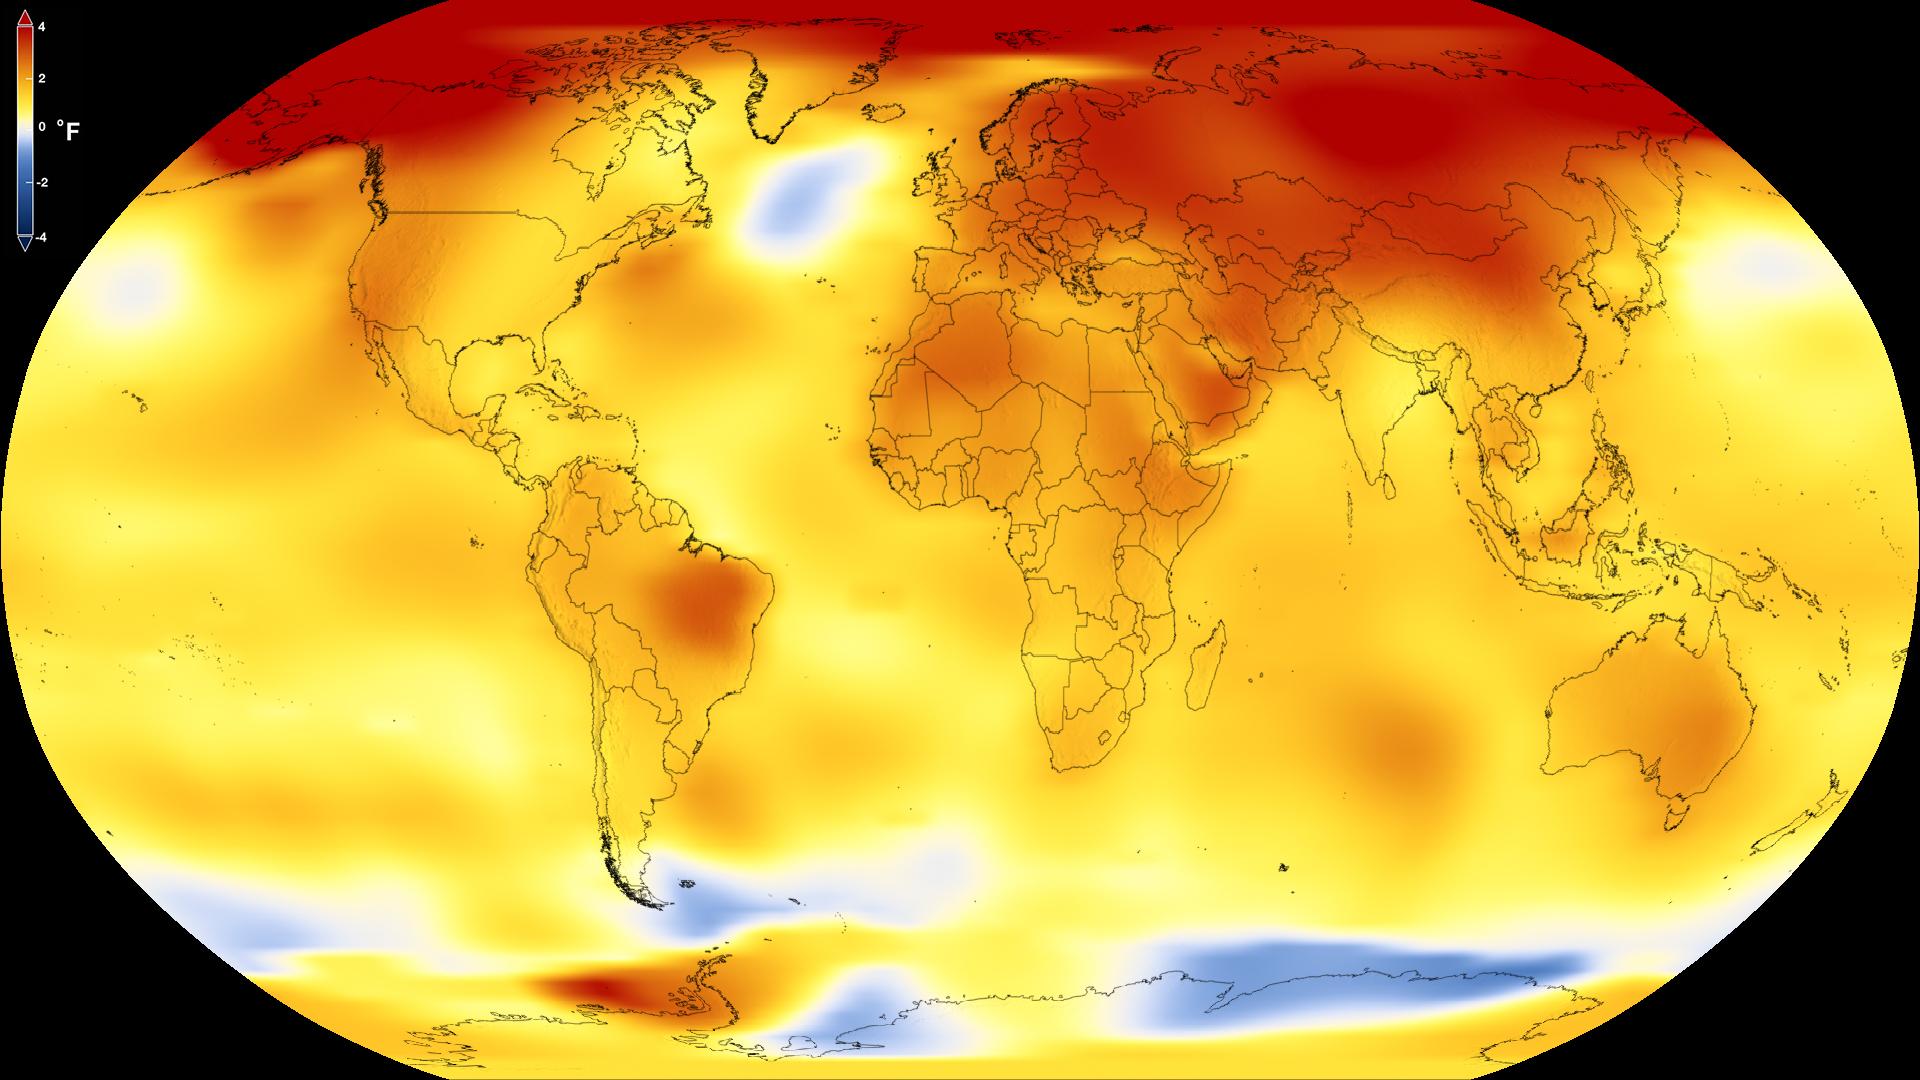 Пекло на Земле: специалисты NASA показали изменения температур на планете за 140 лет - кадры